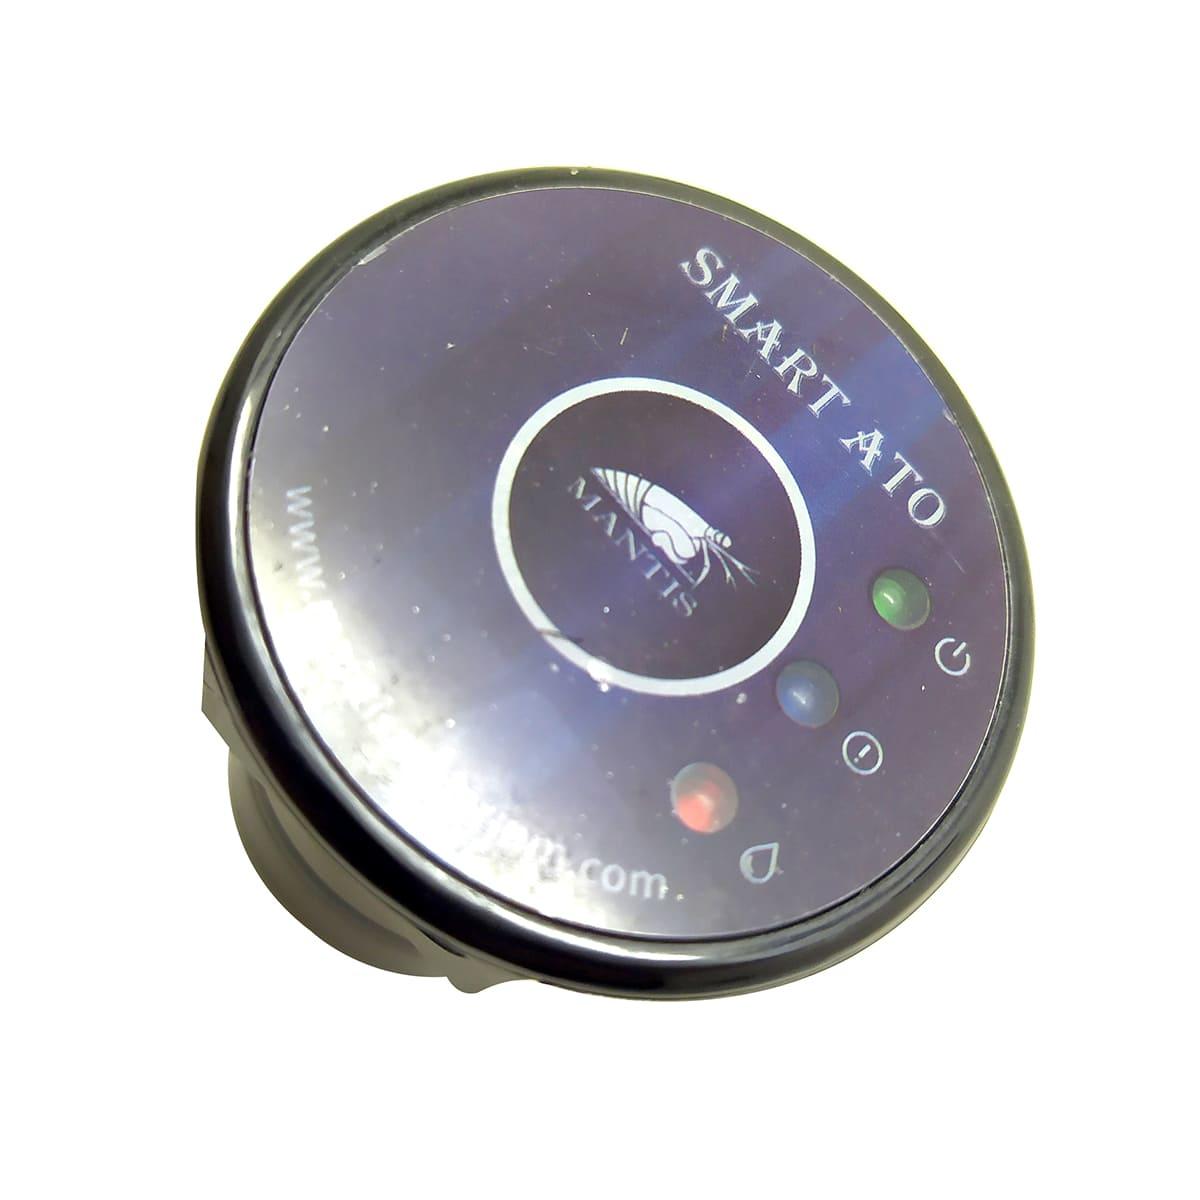 Sensor De Nível Óptico Para Aquários Smart Ato - Mantis